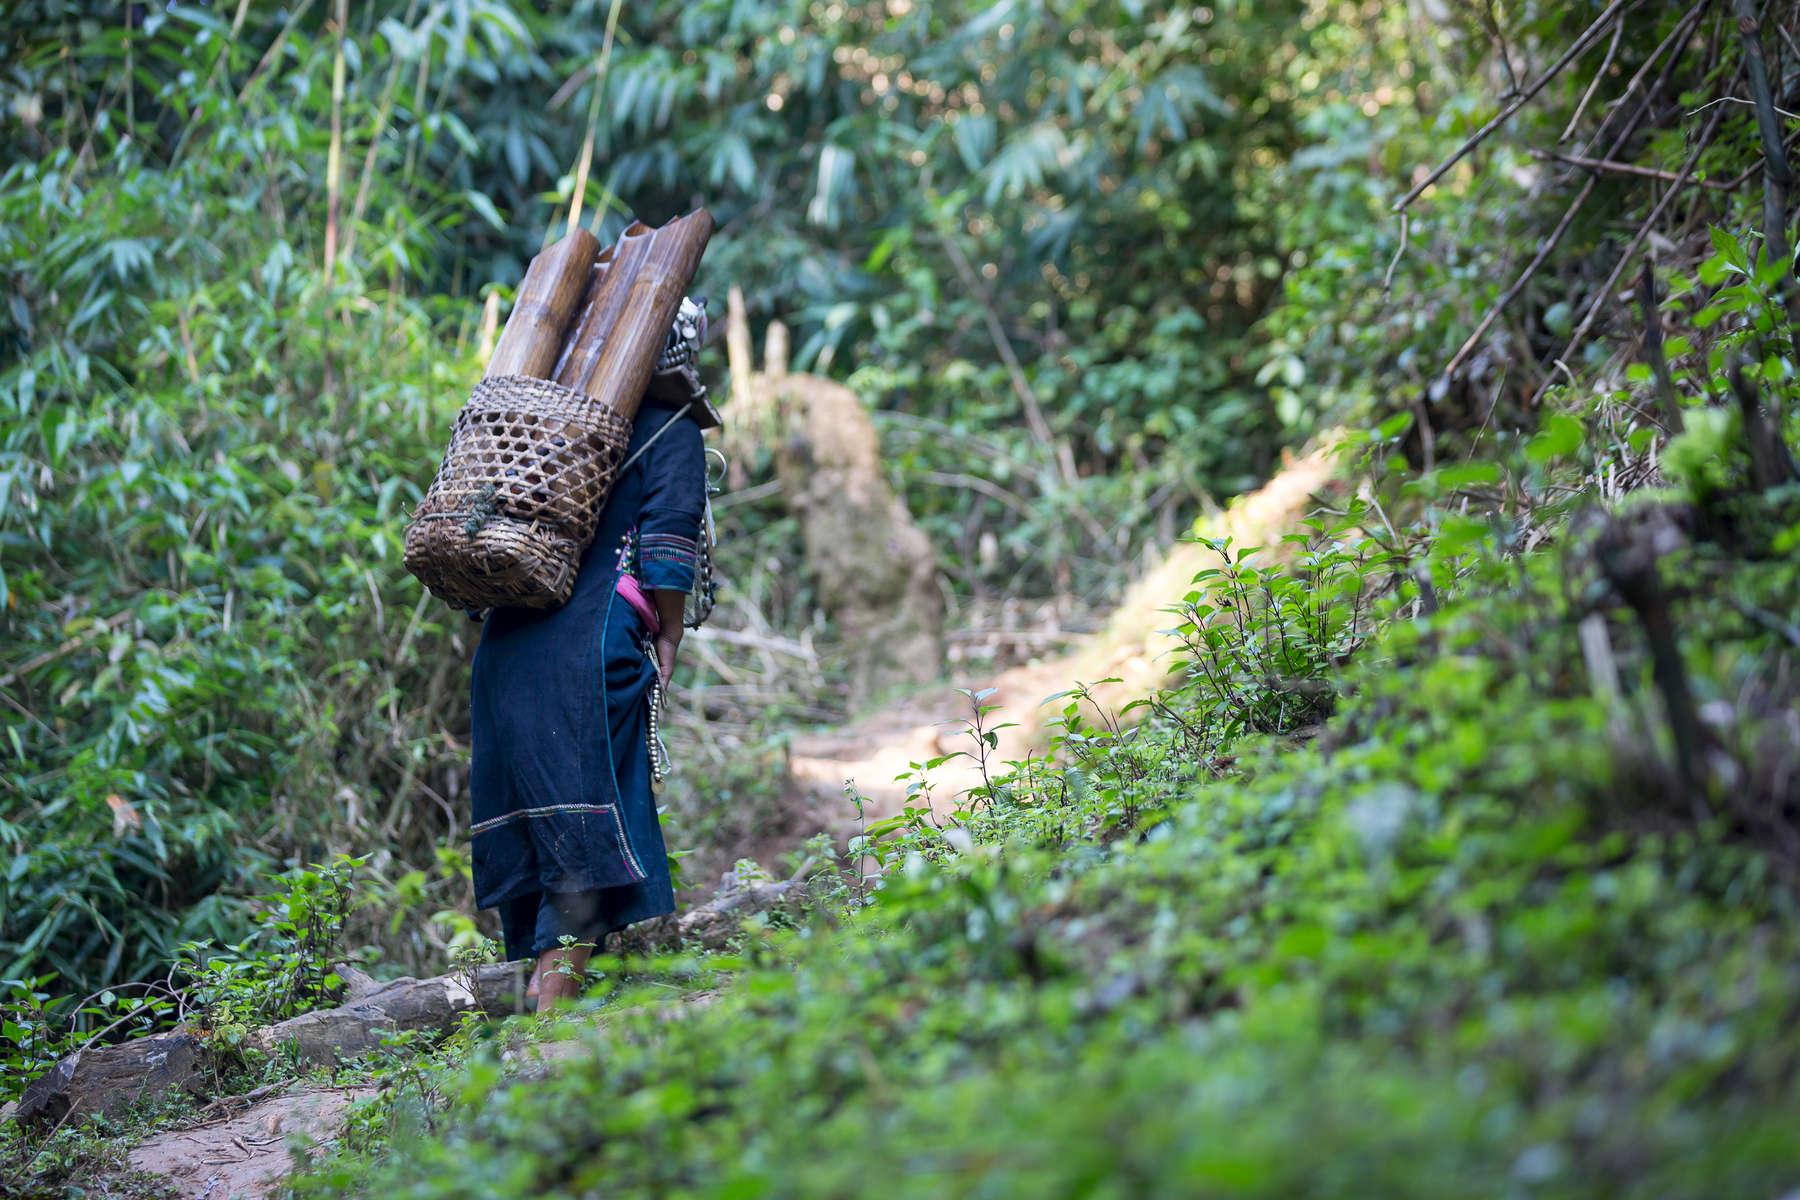 Laos-Phongsali-Akha-Noukouy-kitchen-Photo-by-Cyril-Eberle-CEB_9359